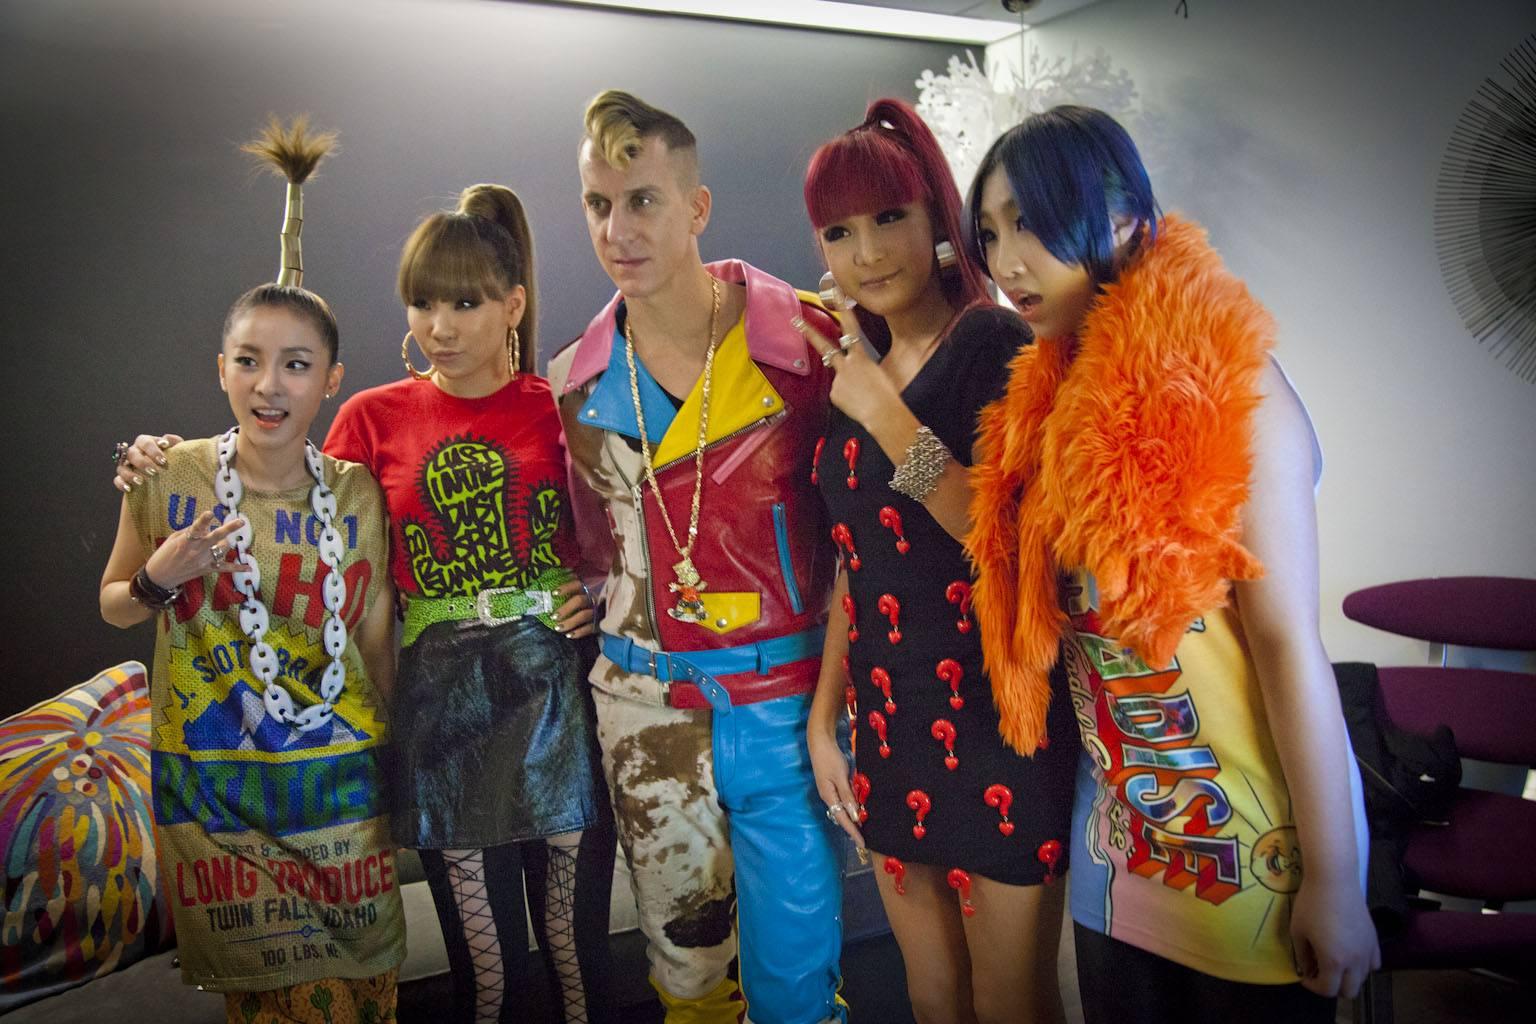 2NE1 pose with Jeremy Scott backstage.